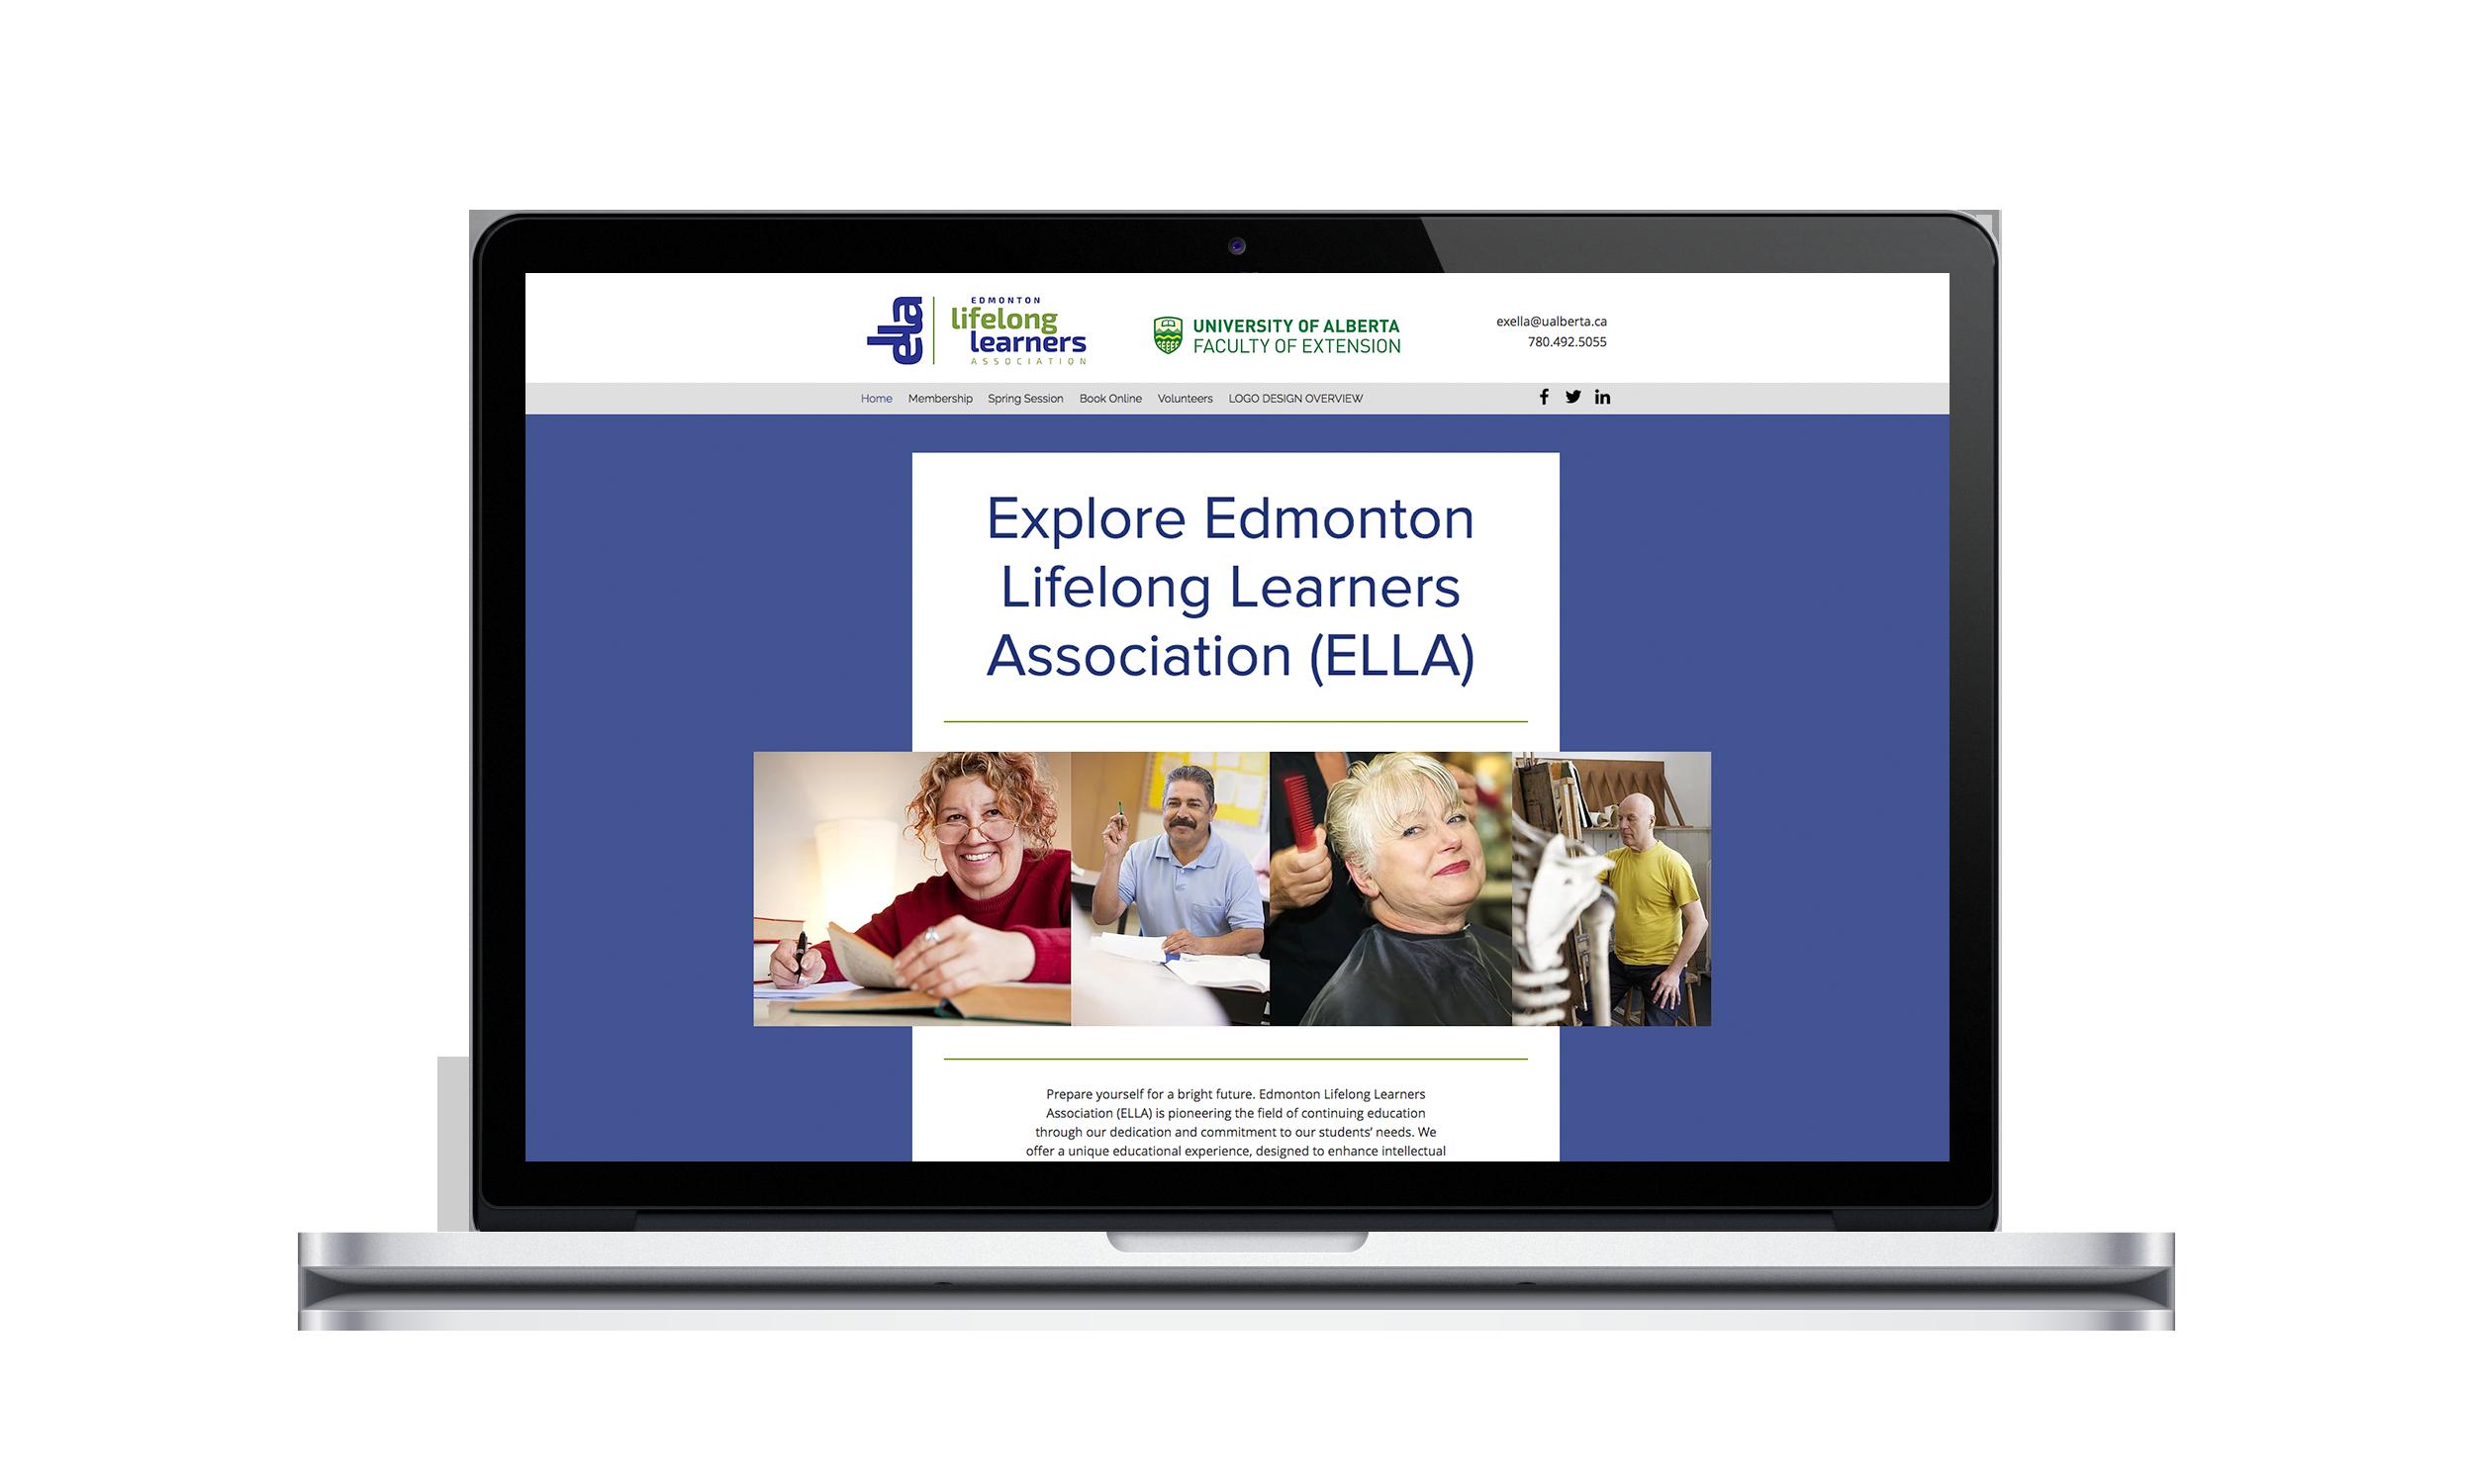 ELLA | Edmonton Lifelong Learners